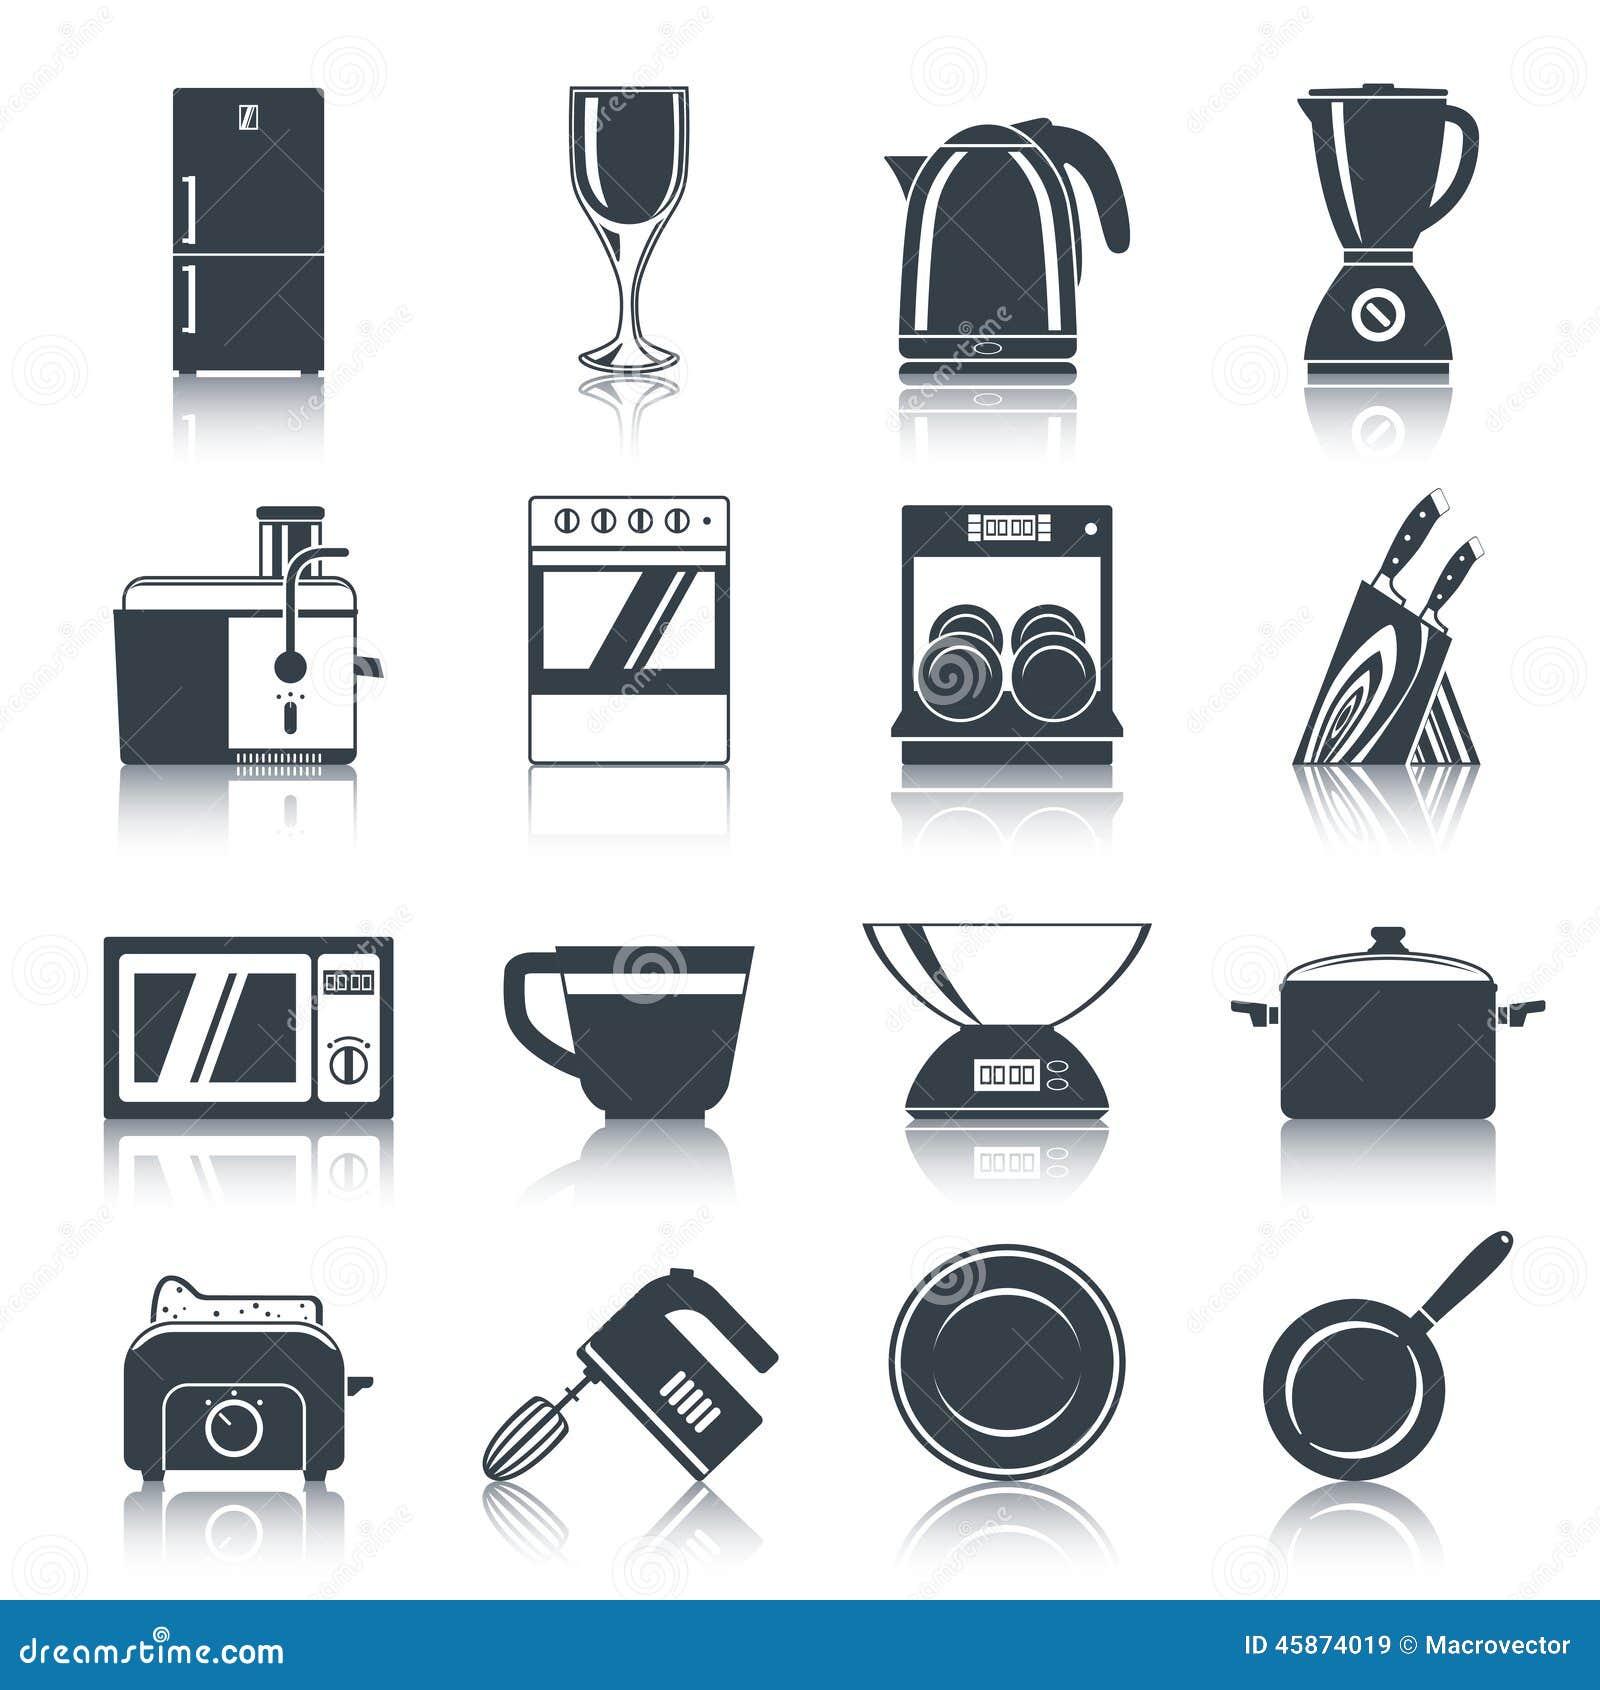 Il nero delle icone degli elettrodomestici da cucina illustrazione vettoriale immagine 45874019 - Elettrodomestici da cucina ...